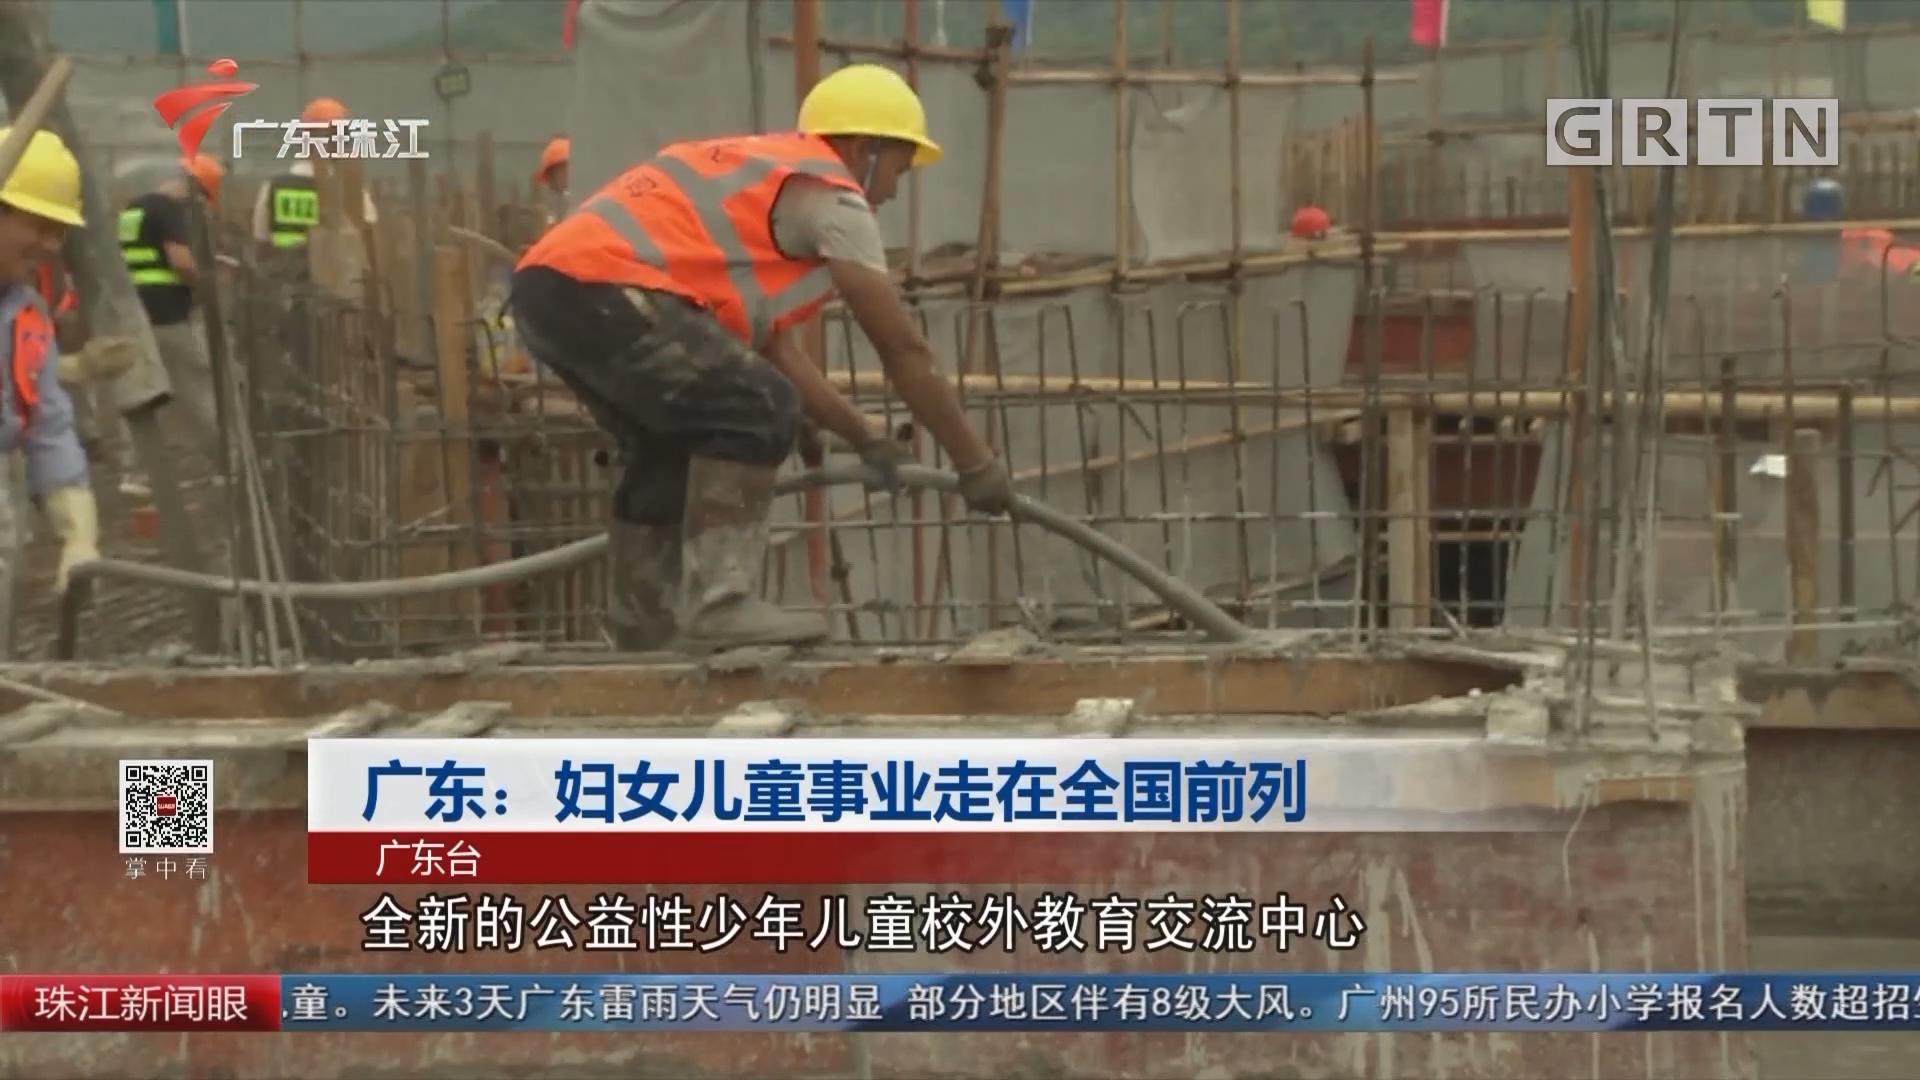 广东:妇女儿童事业走在全国前列